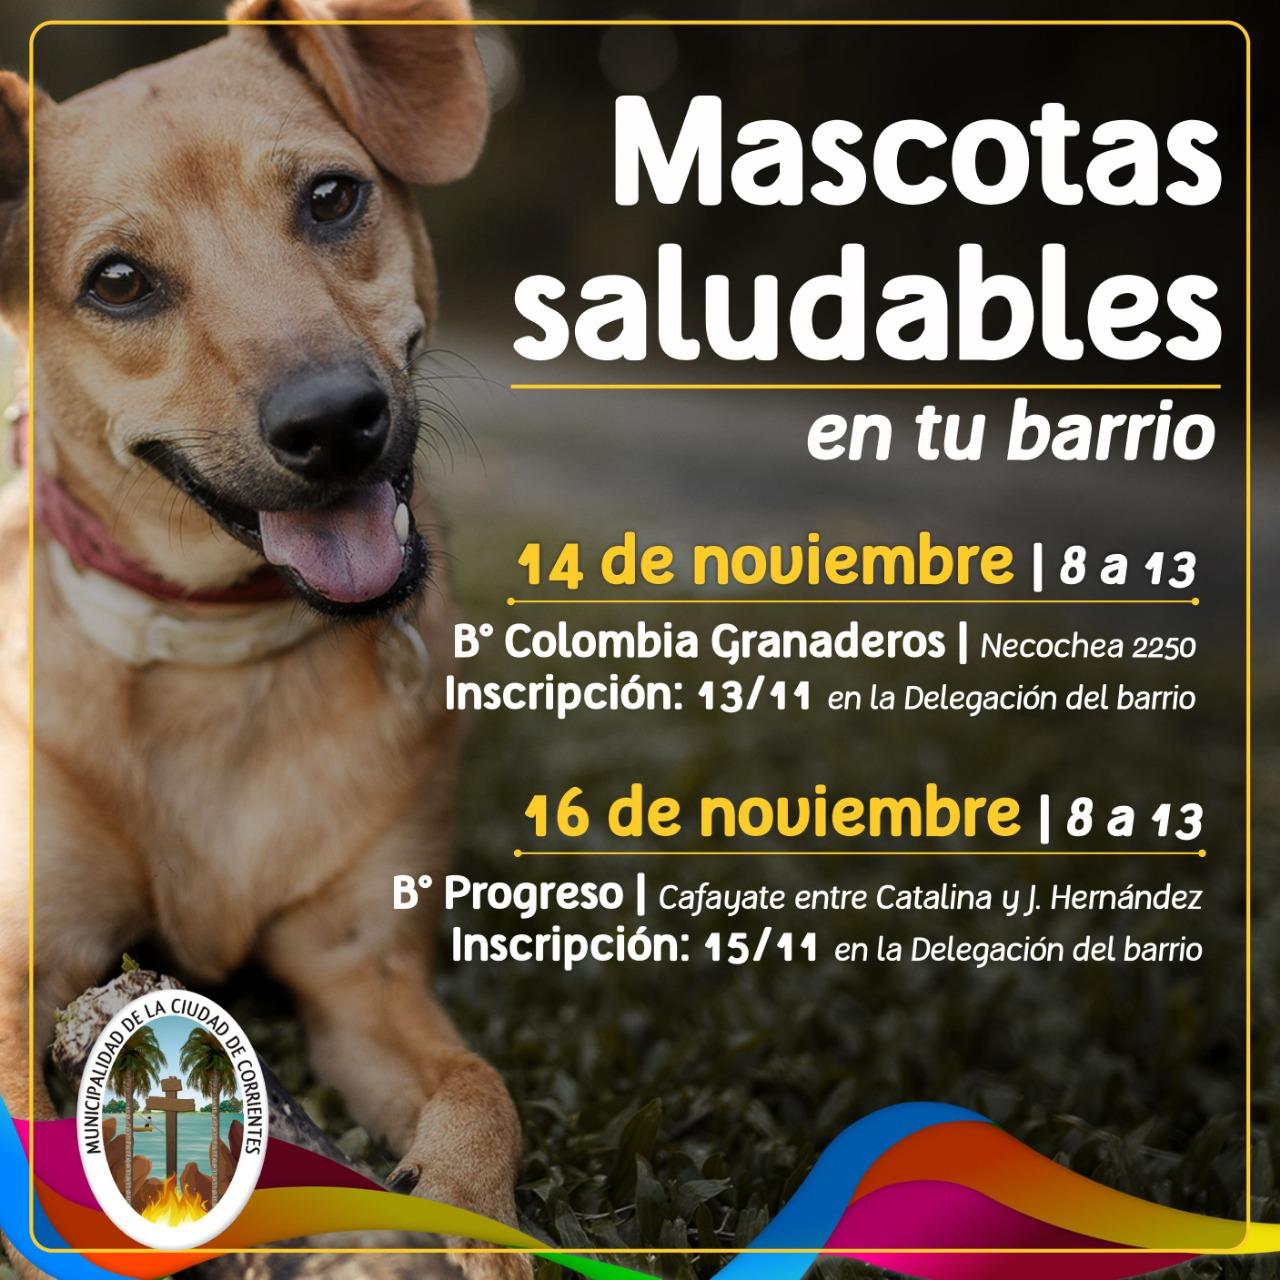 El programa Mascotas Saludables en los barrios Colombia Granaderos y Progreso